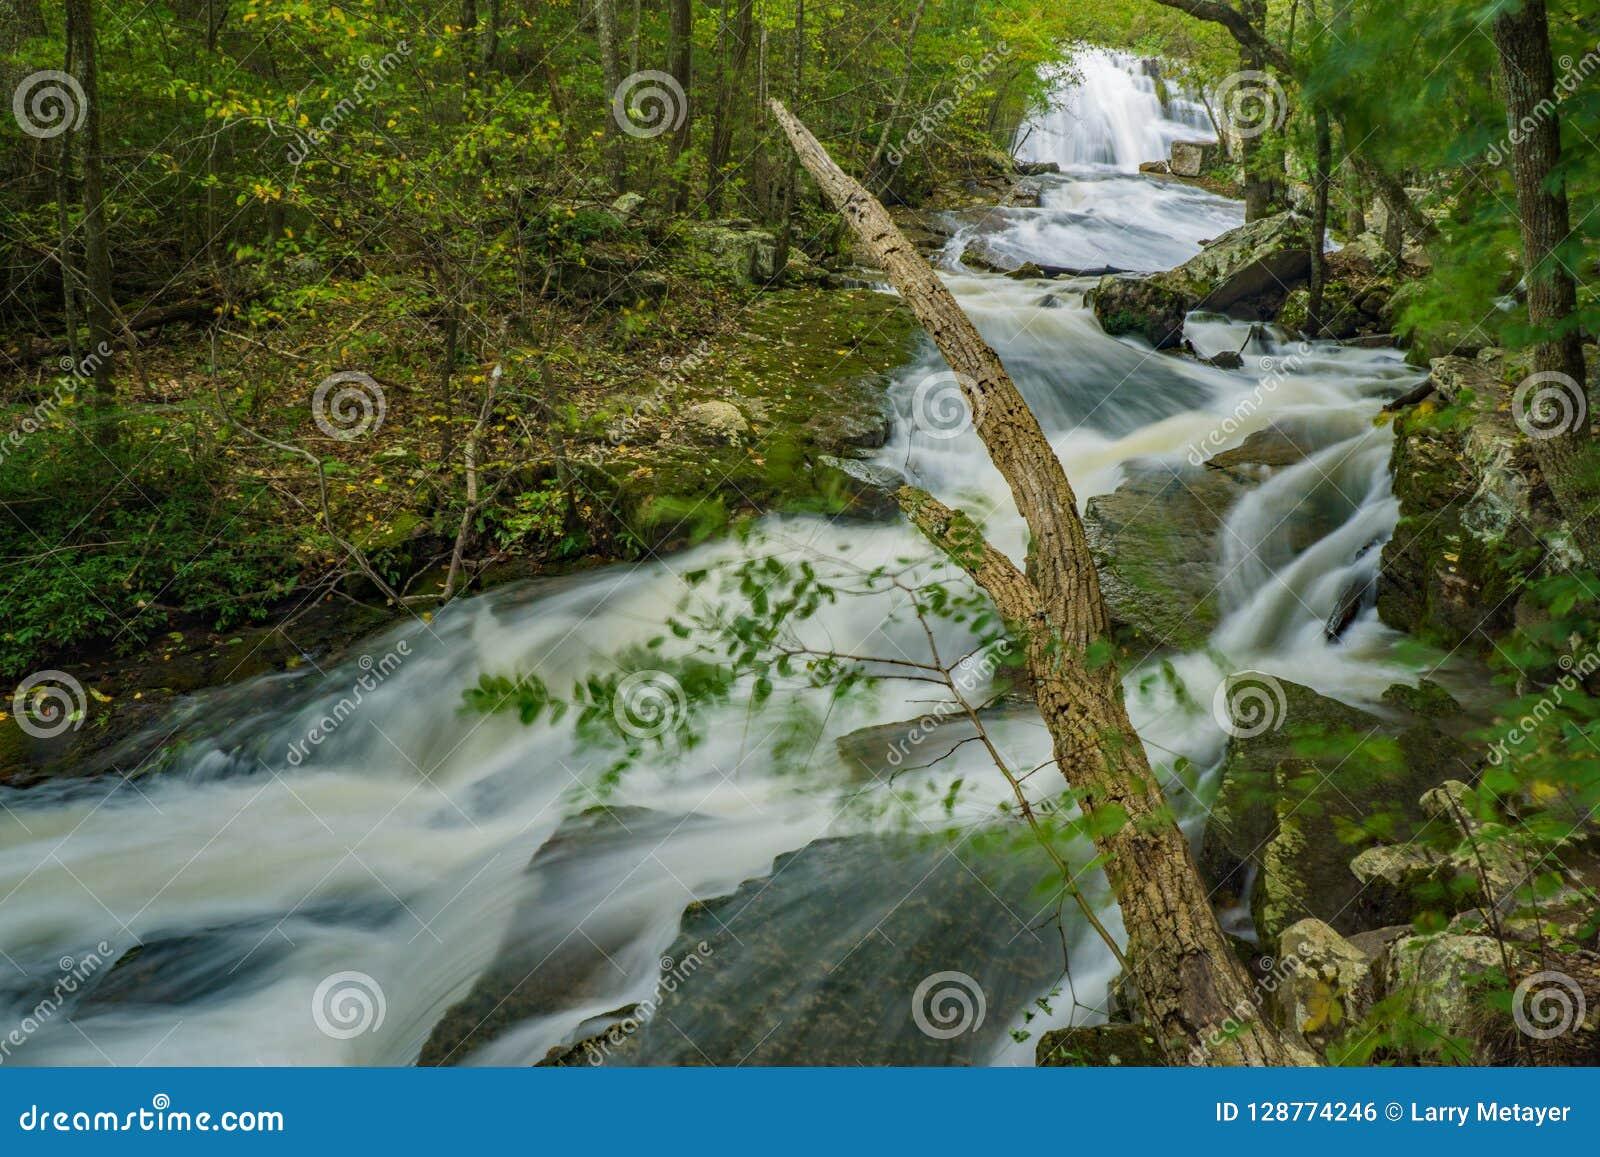 Wzrost woda przy huczenie bieg siklawą